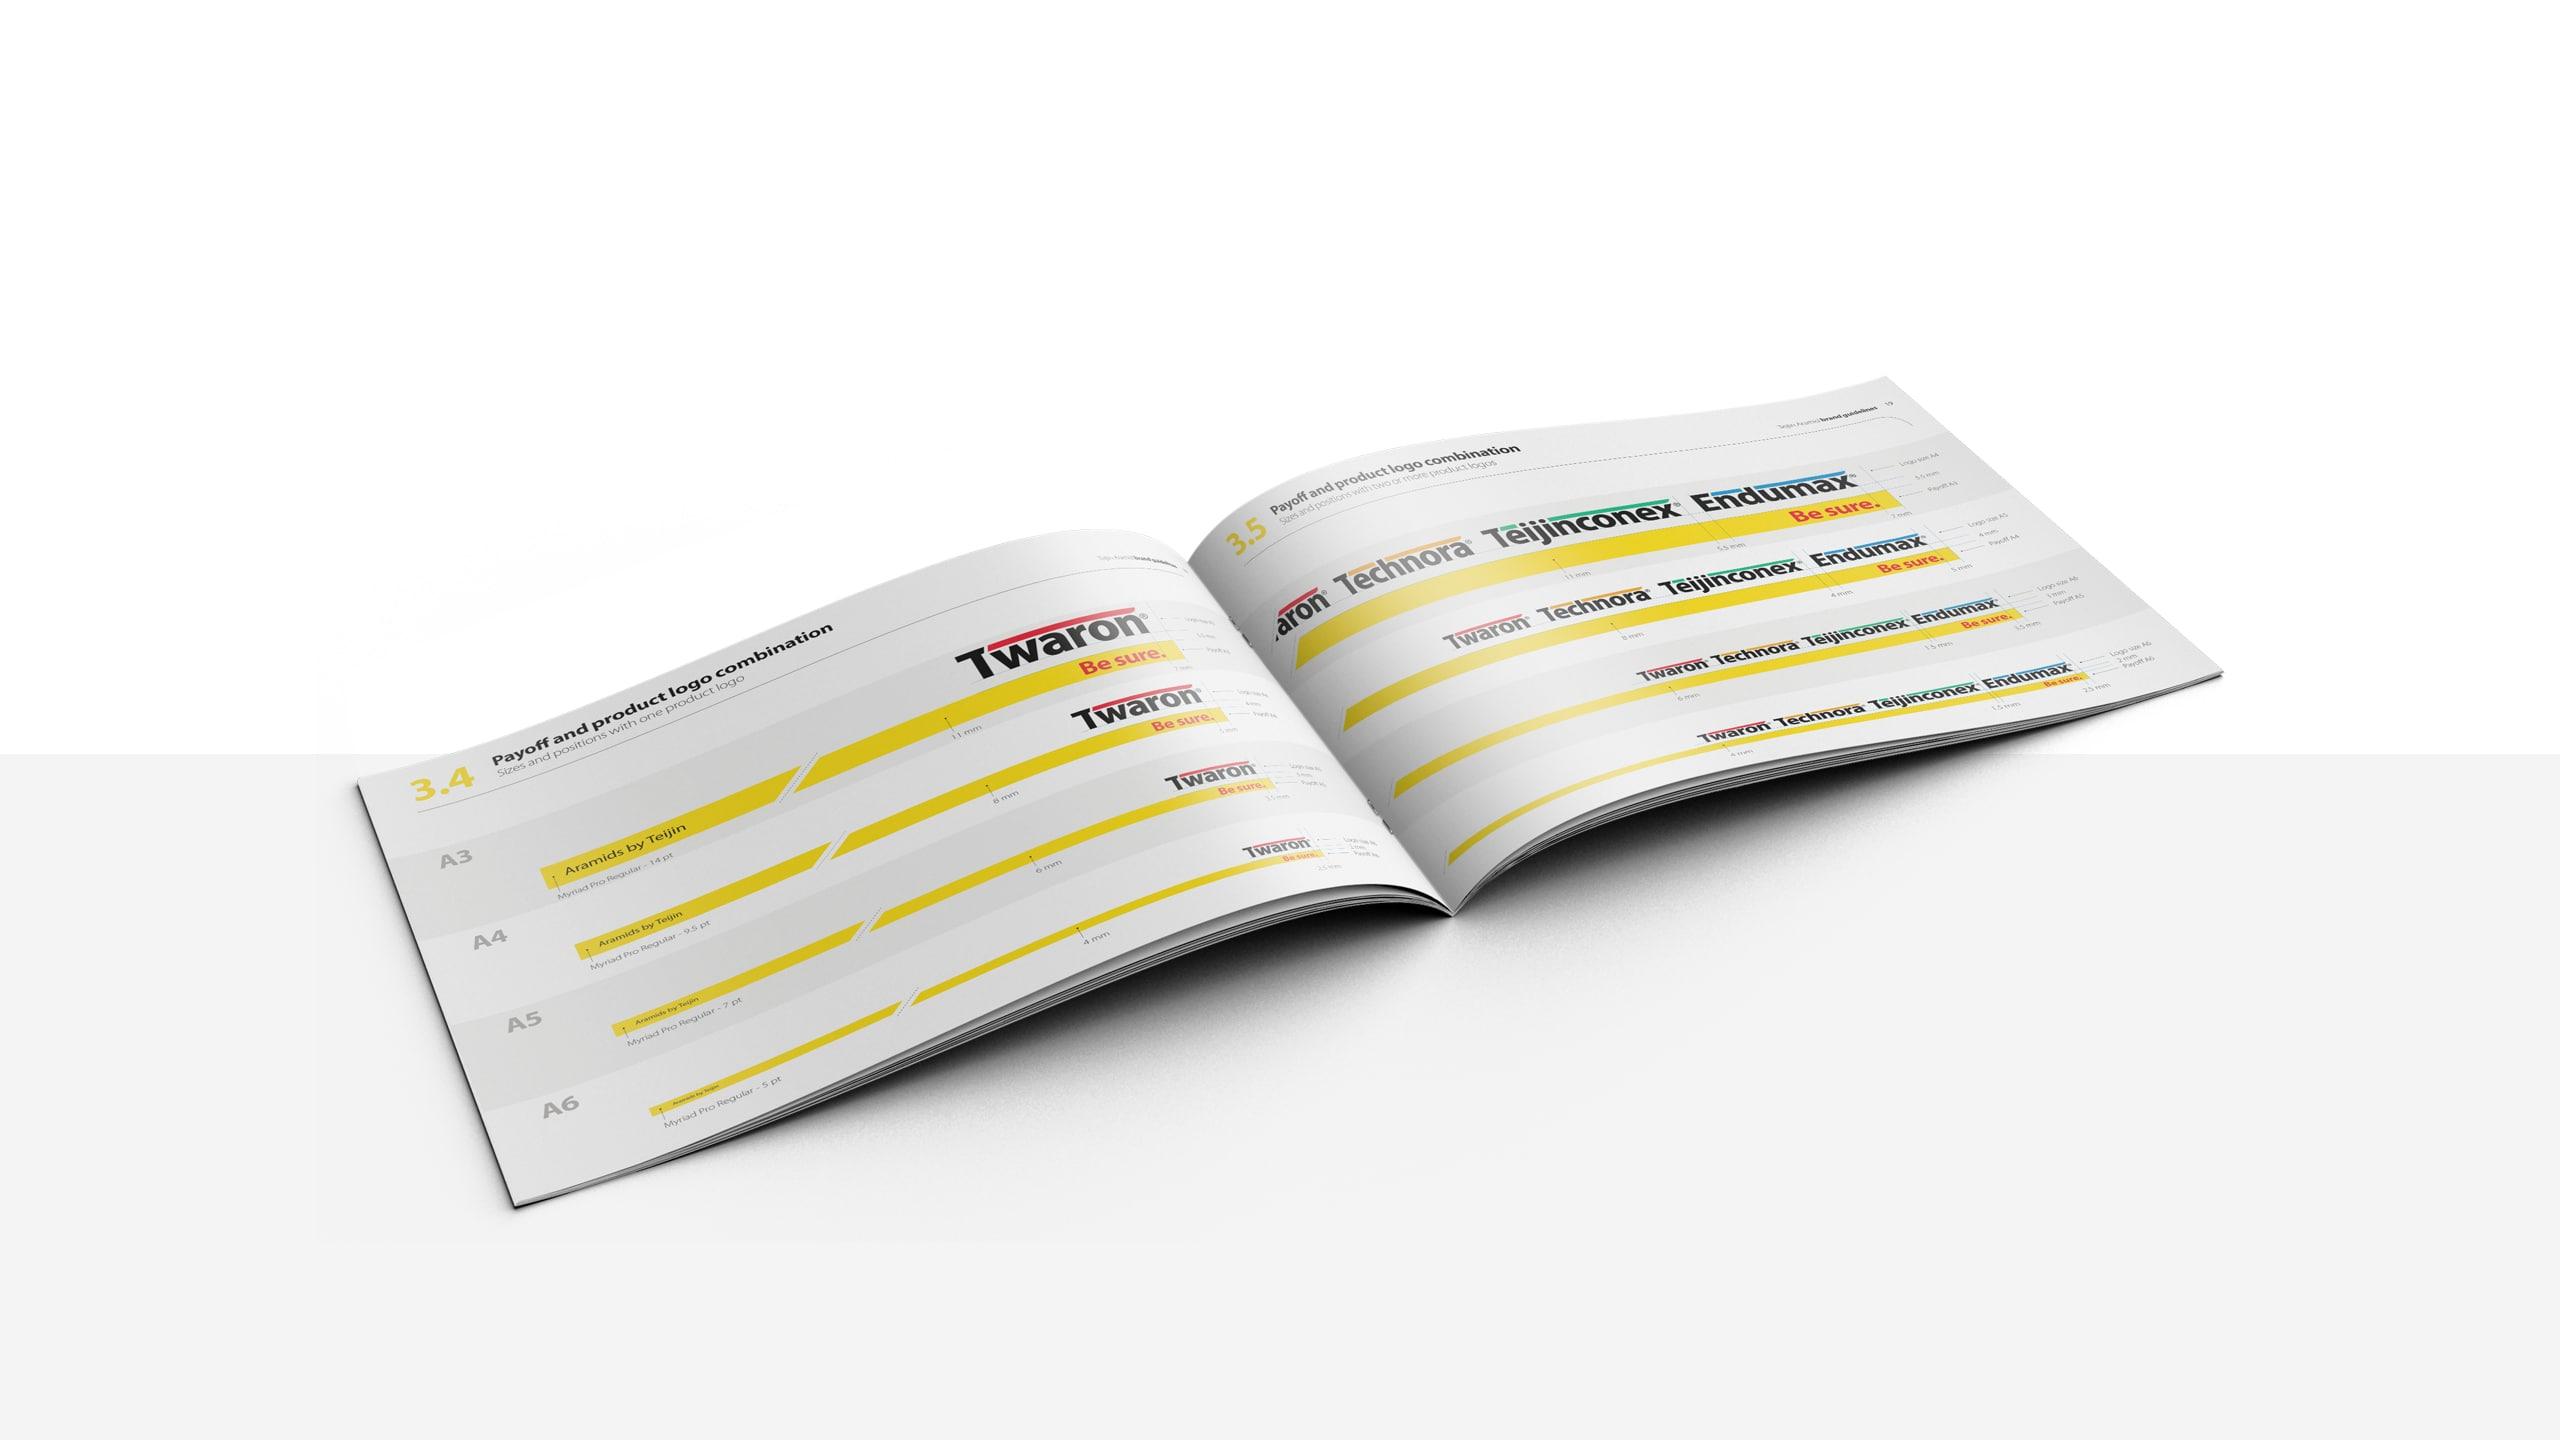 Brandbook met nieuwe corporate identity Teijin Aramid, o.a. met productlogo's, tone of voice en beeldtaal